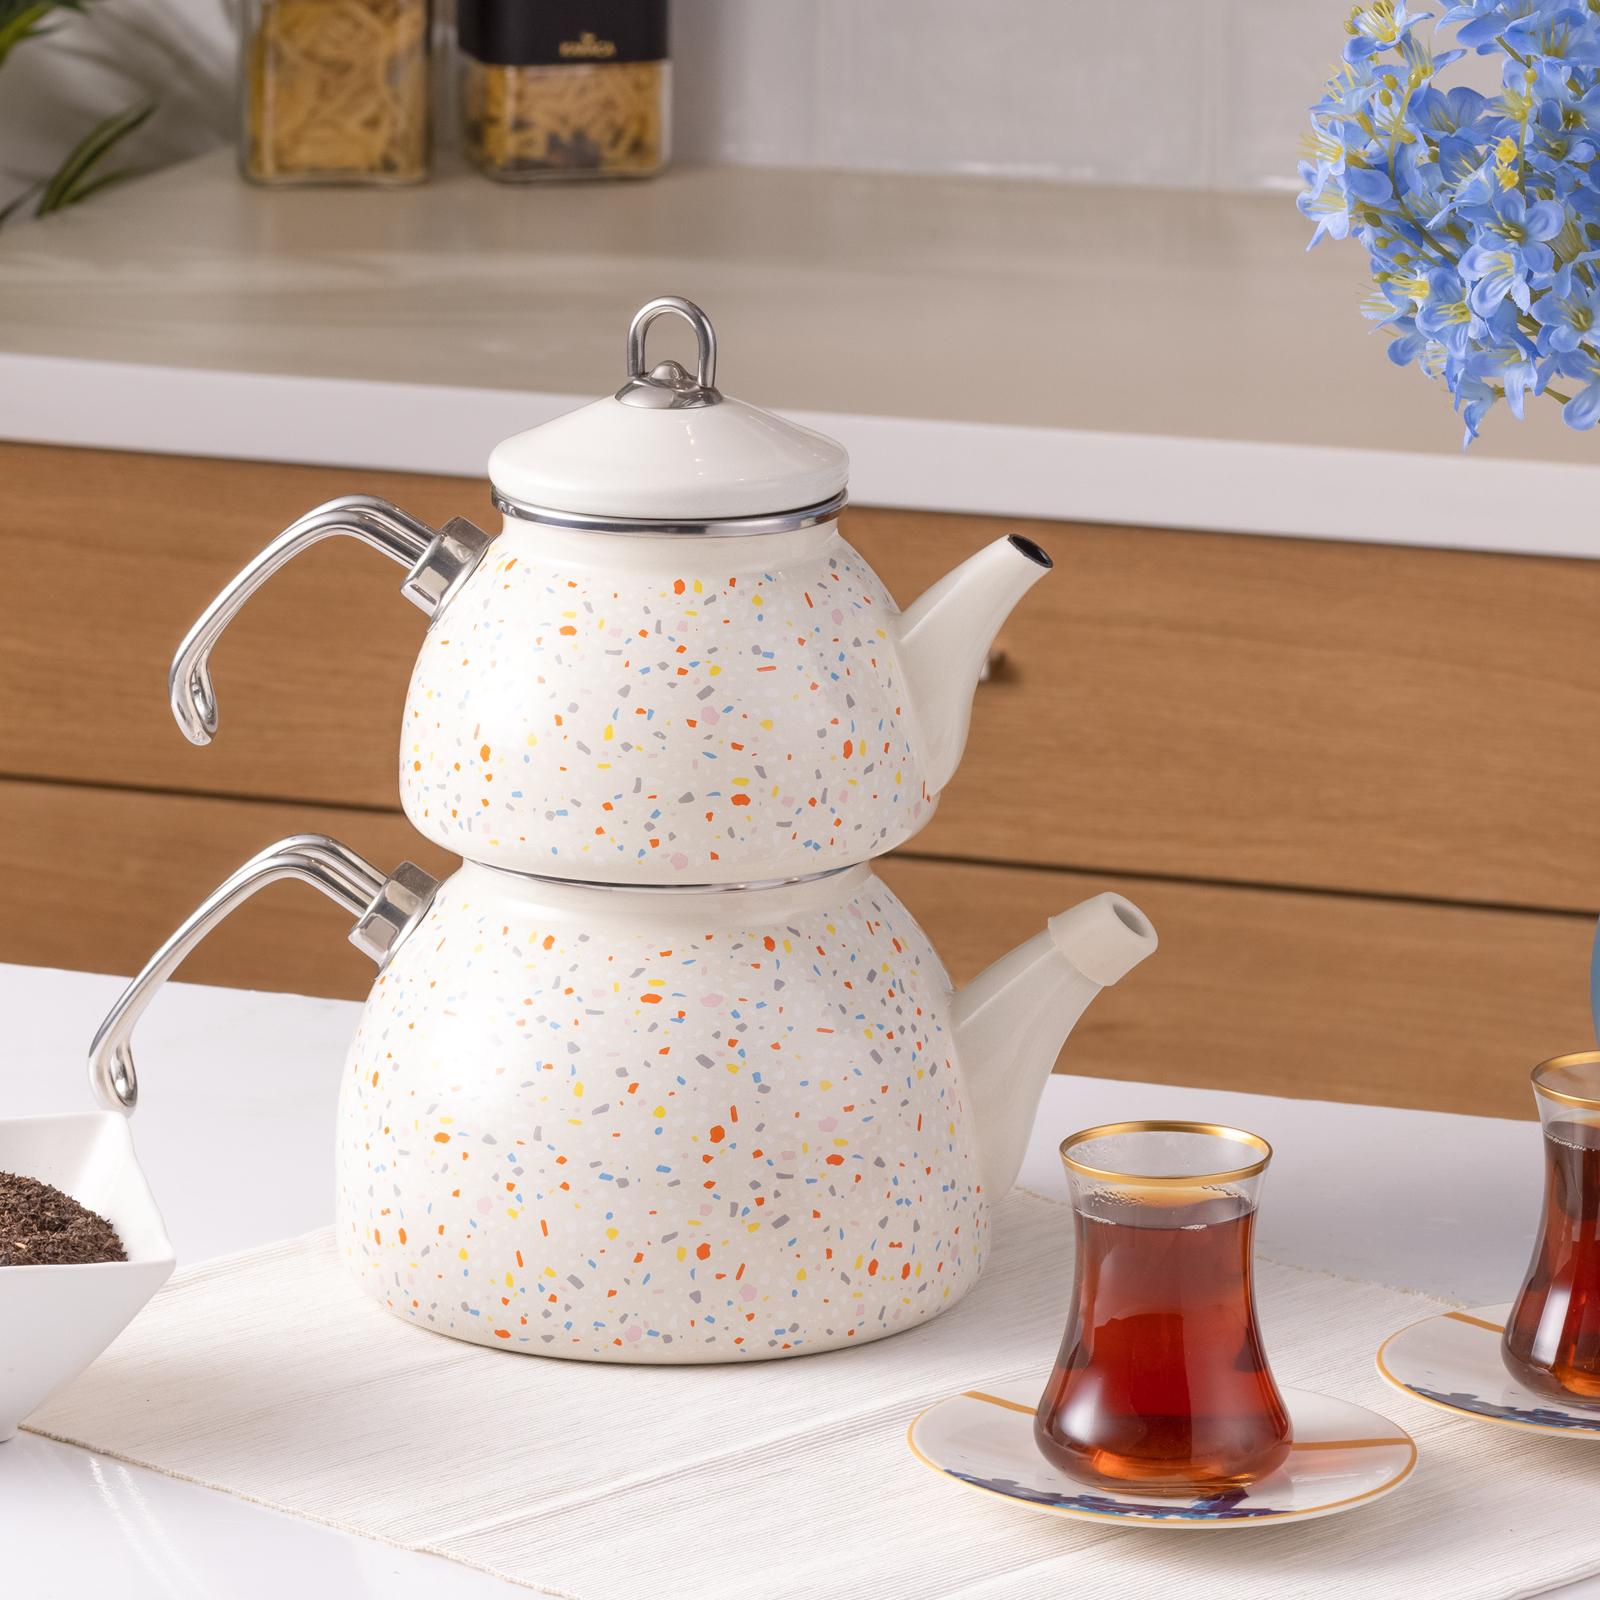 Karaca Emaye Terazzo Krem Çaydanlık Takımı